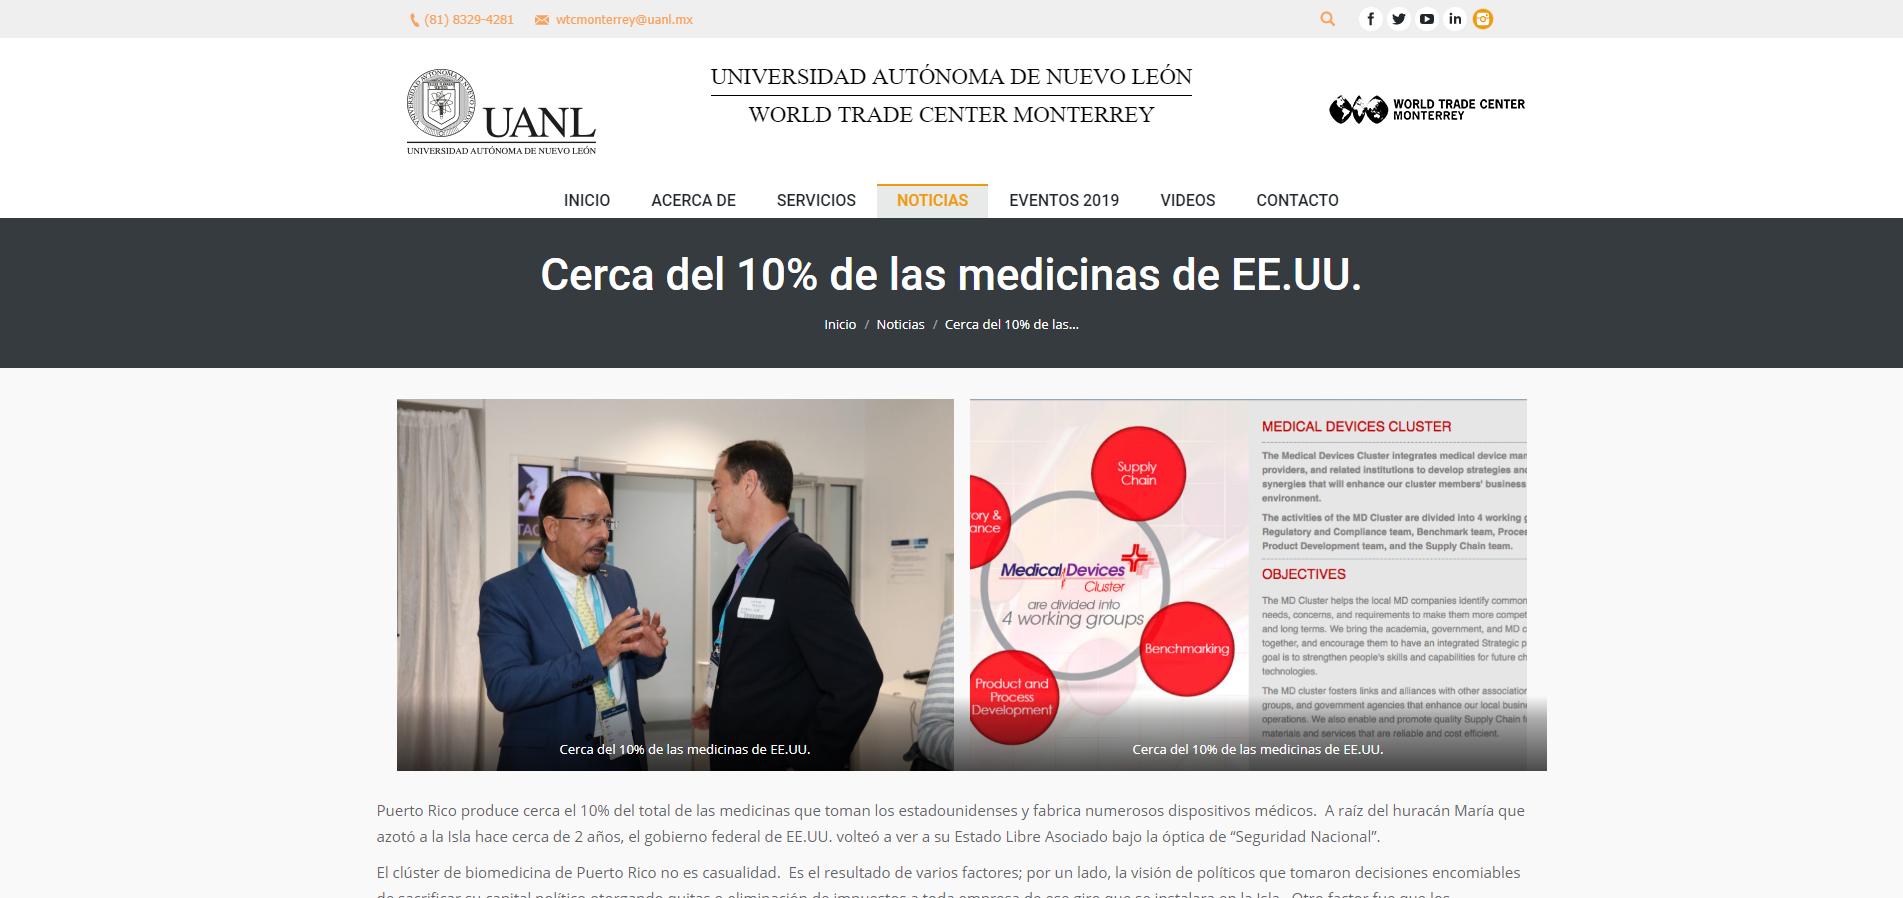 """""""Cerca del 10% de las Medicinas de EE.UU."""", World Trade Center Monterrey de la Universidad Autónoma de Nuevo León"""